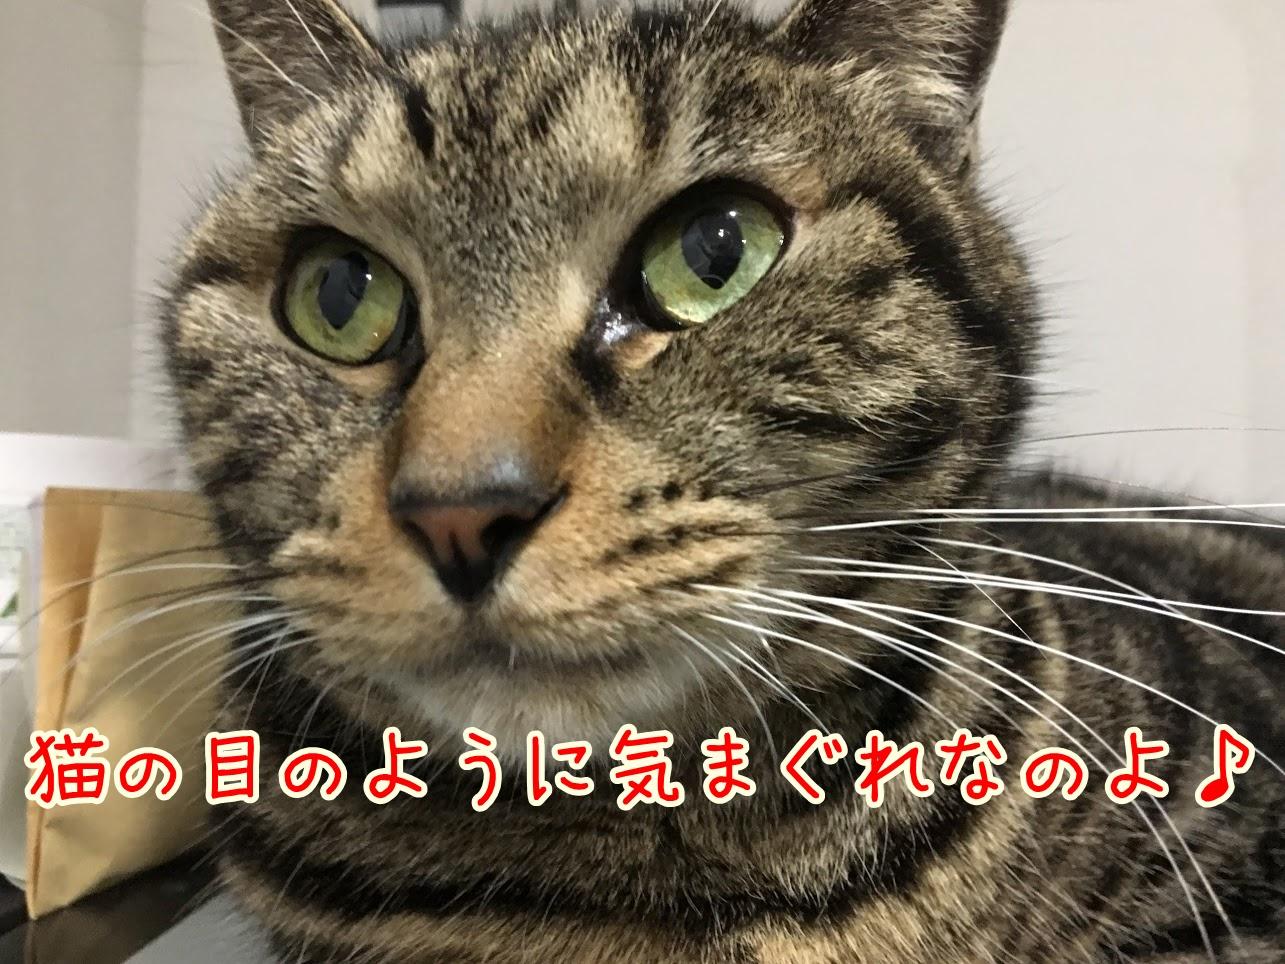 目の病気に注意!猫の目の仕組みと瞳孔が開く理由